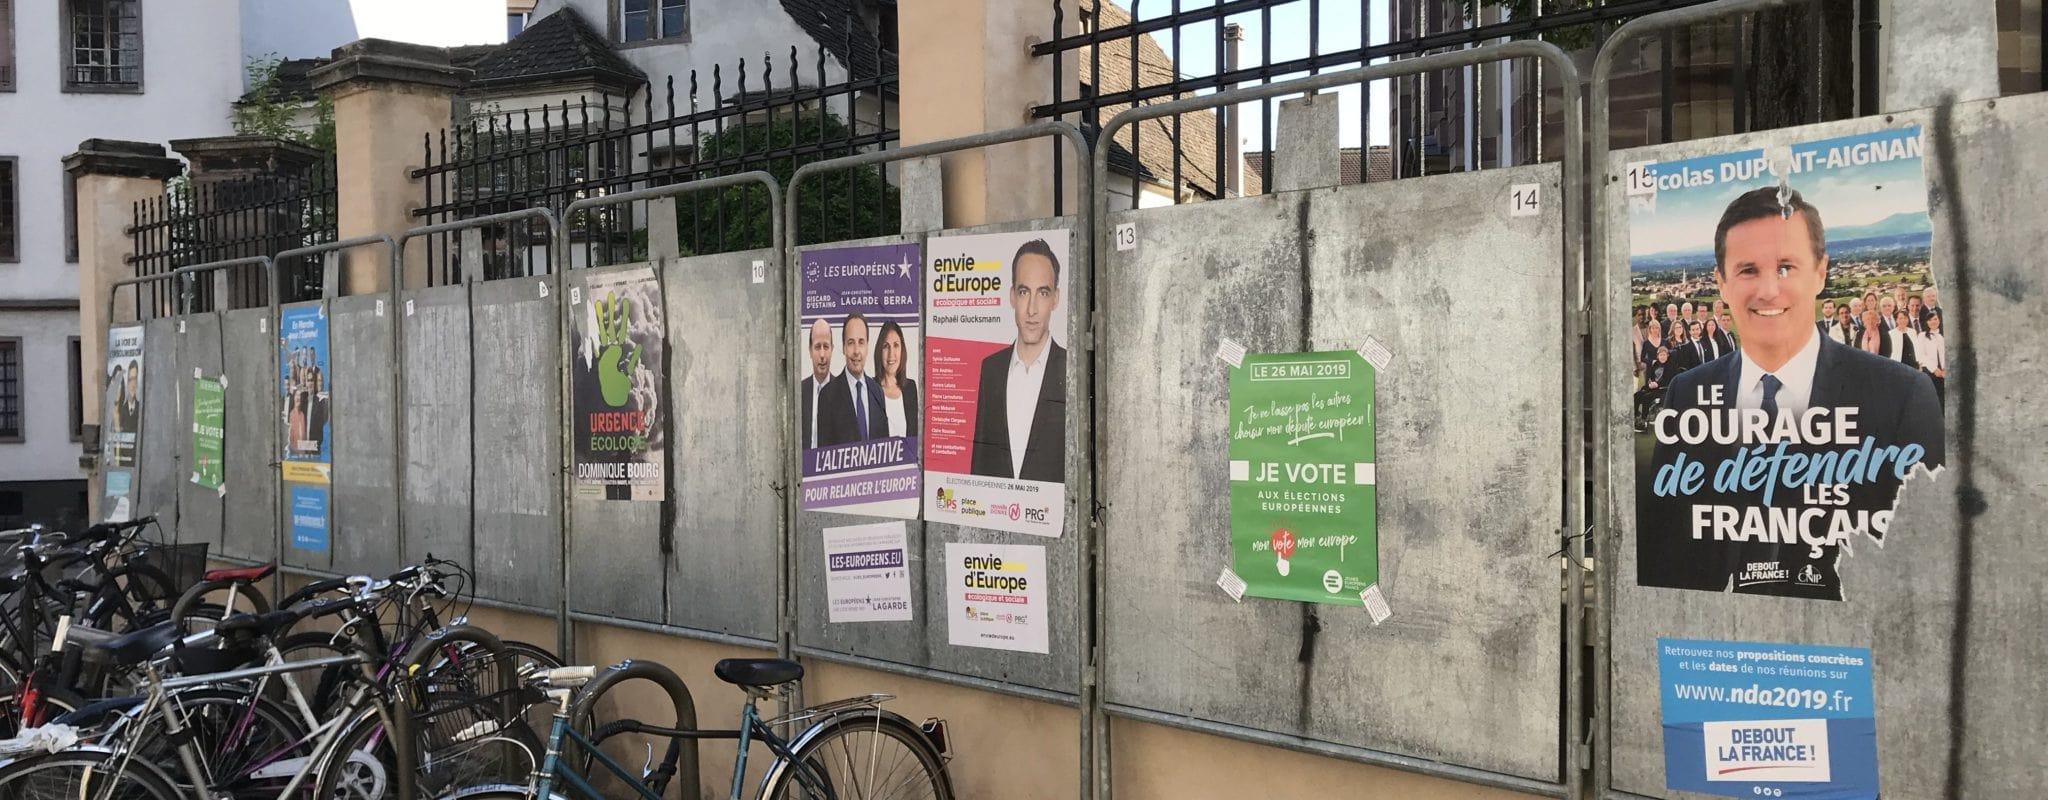 Européennes : Même en Alsace, la droite s'effondre